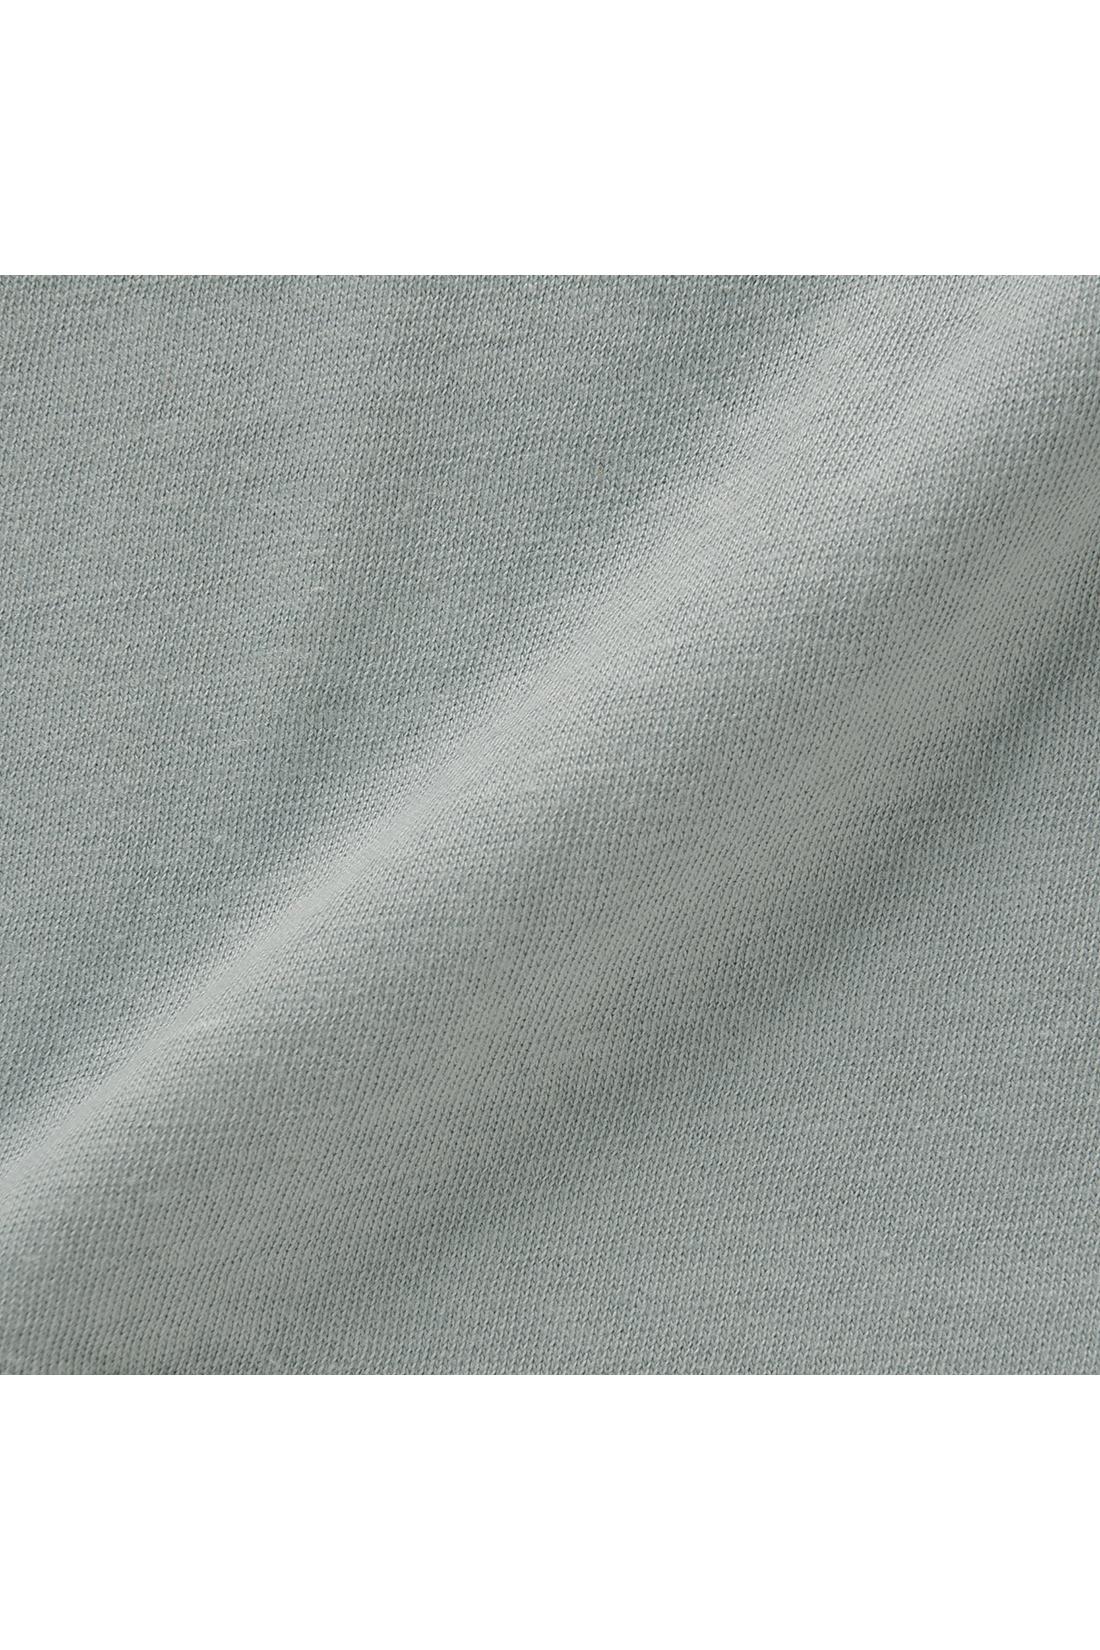 あえて斜行させたやわらかな肌ざわりのガーゼ天じく素材は、ふれるたびにホッとするふわふわのティシューのよう。